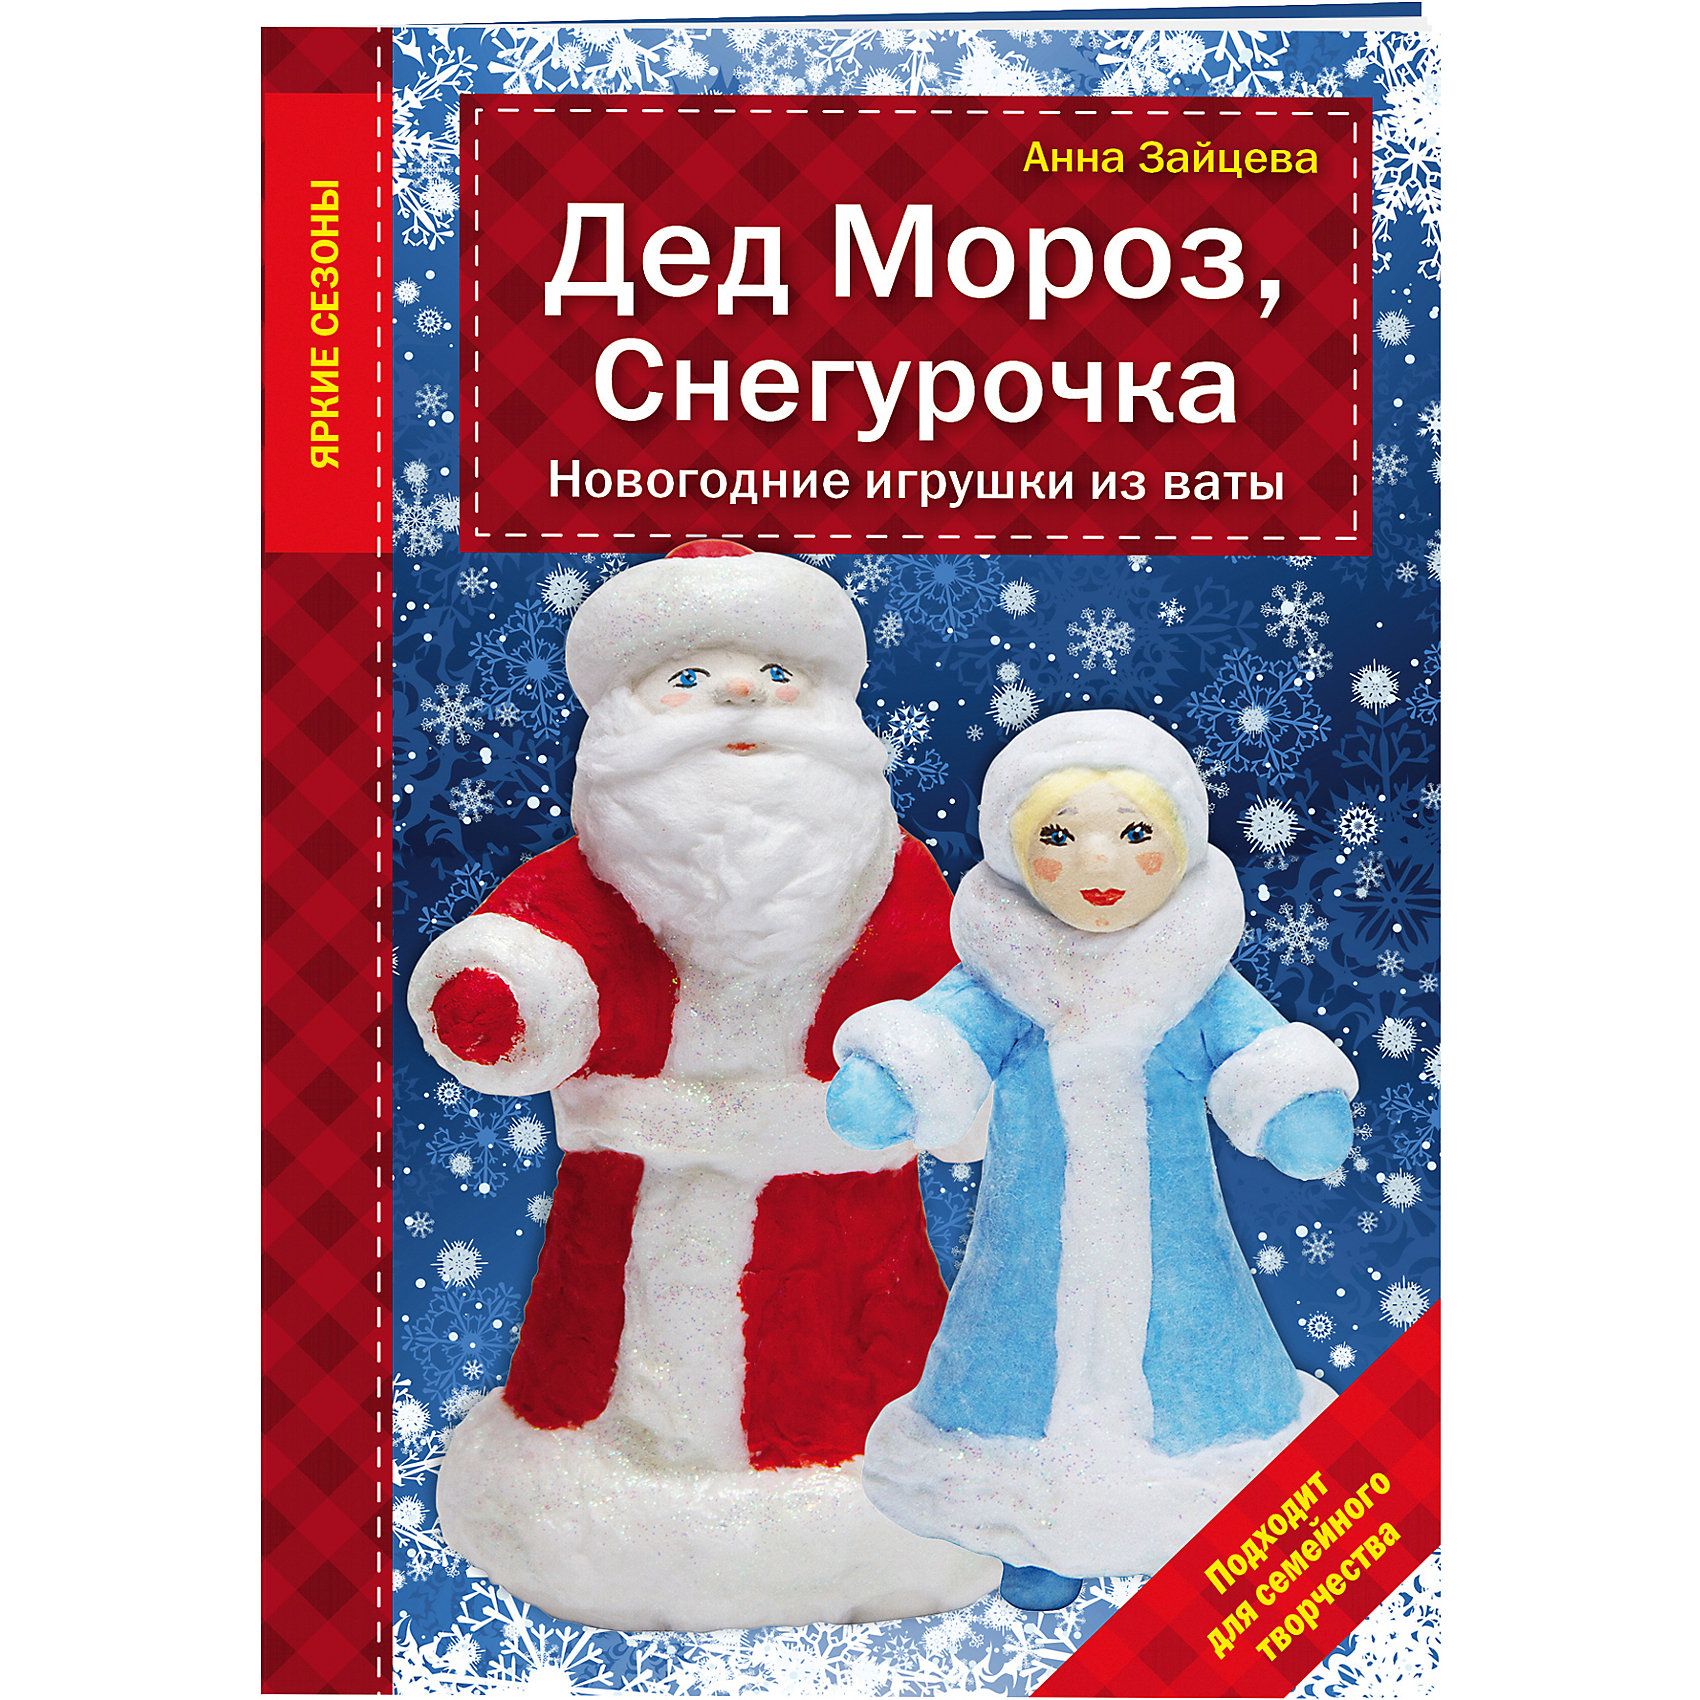 Дед Мороз, Снегурочка, Новогодние игрушки из ватыНовогодние книги<br>Представляем вниманию рукодельниц красивую новогоднюю книгу, посвященную изготовлению из ваты Деда Мороза, Снегурочки, а также очаровательных елочных игрушек!  Все изделия, представленные в книге, сопровождаются цветными иллюстрациями и понятными пошаговыми описаниями. Книга идеально подойдет для творческих занятий с детьми.<br><br>Ширина мм: 201<br>Глубина мм: 139<br>Высота мм: 2<br>Вес г: 44<br>Возраст от месяцев: 36<br>Возраст до месяцев: 48<br>Пол: Унисекс<br>Возраст: Детский<br>SKU: 5098450